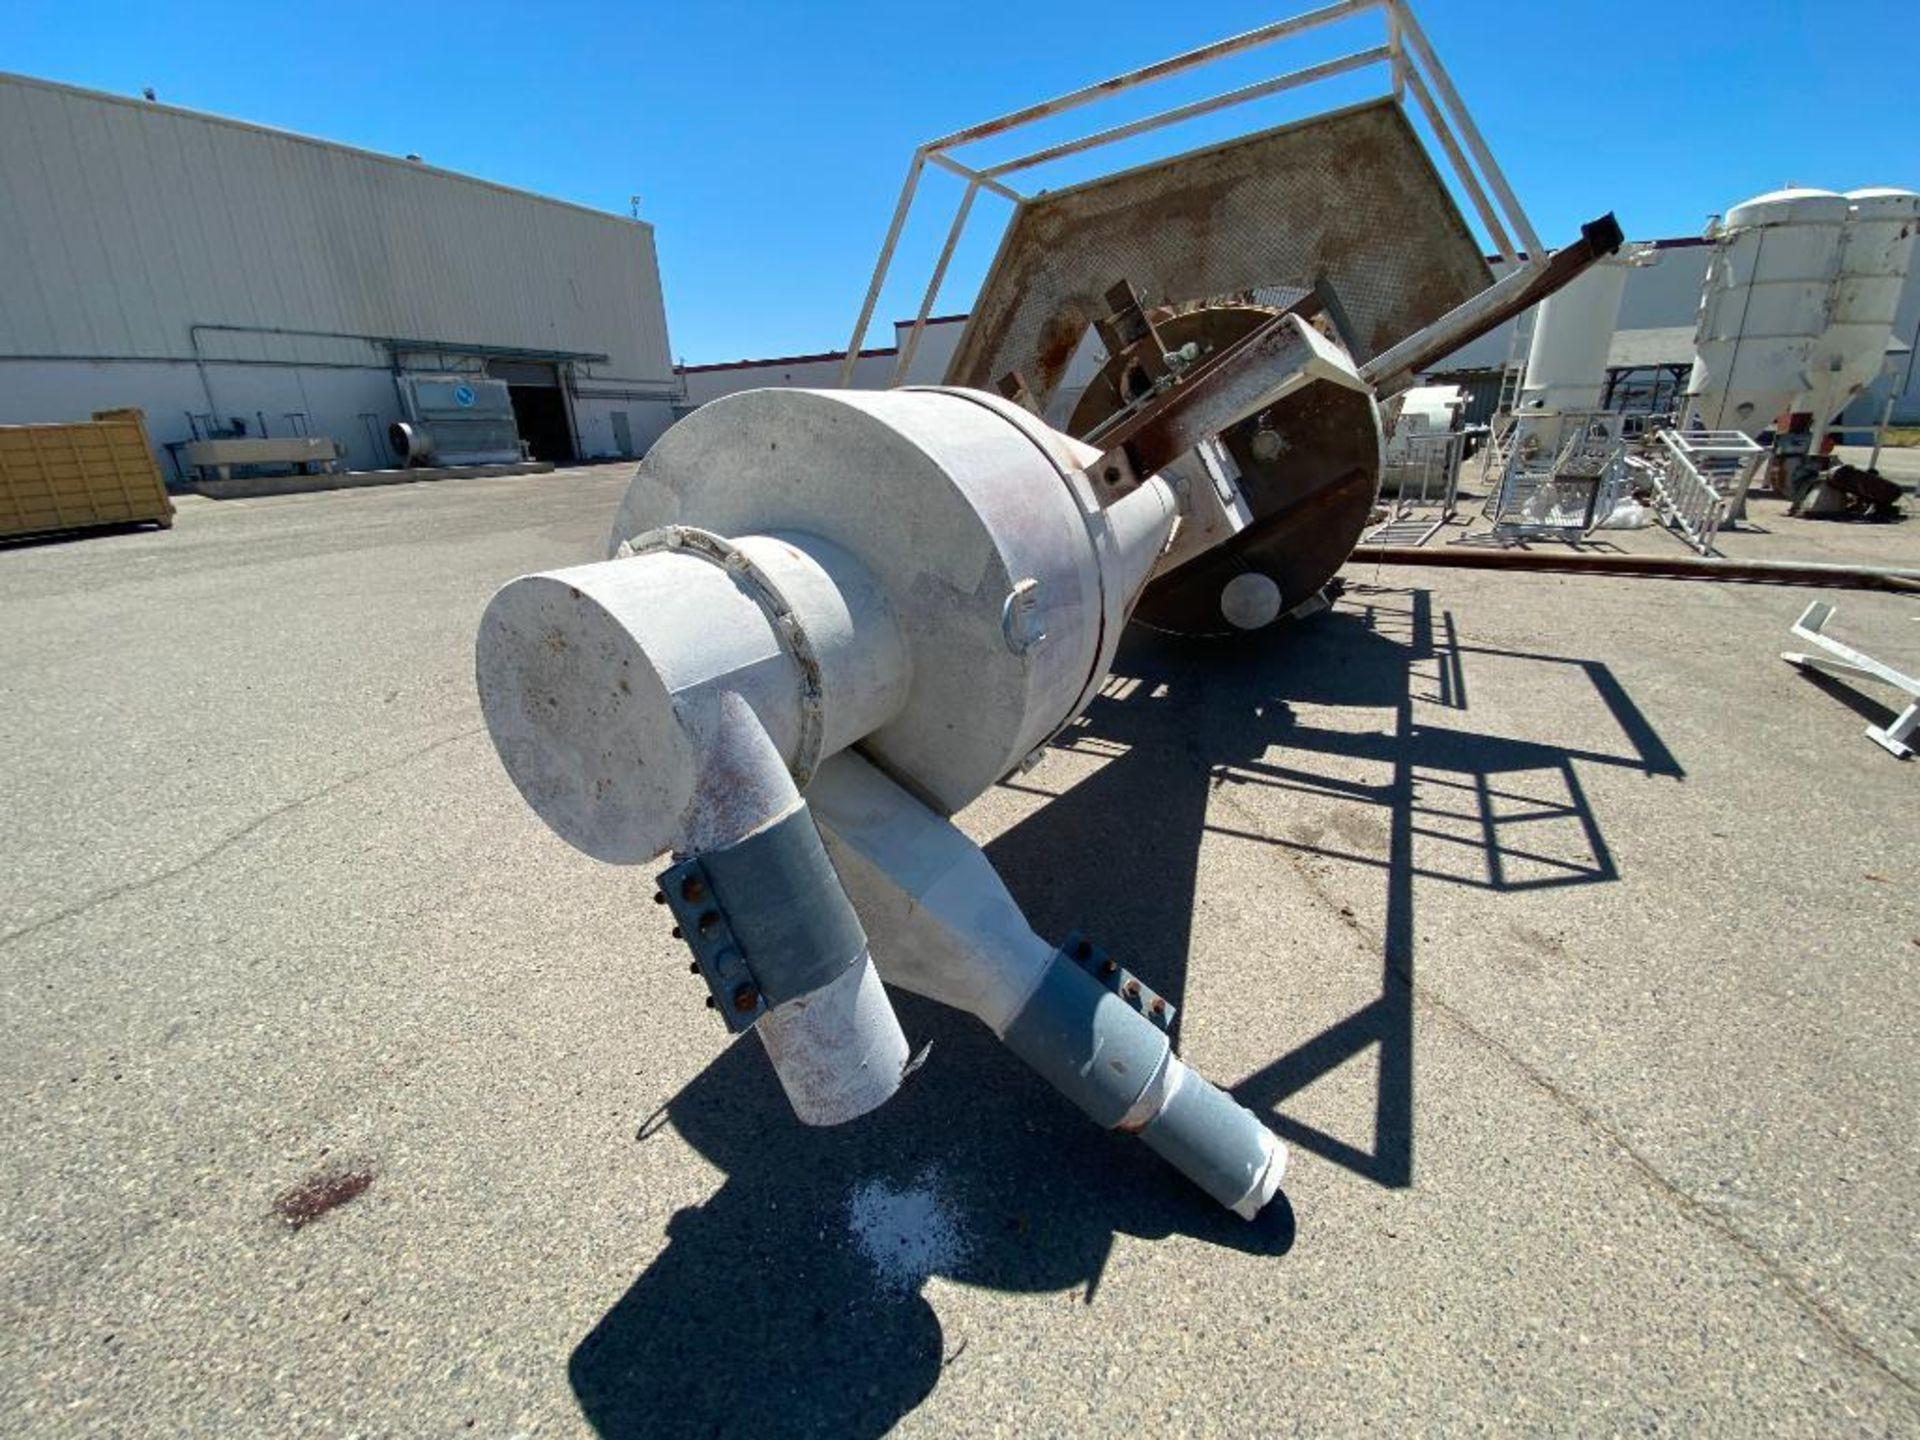 MAC mild steel dust collector - Image 11 of 15